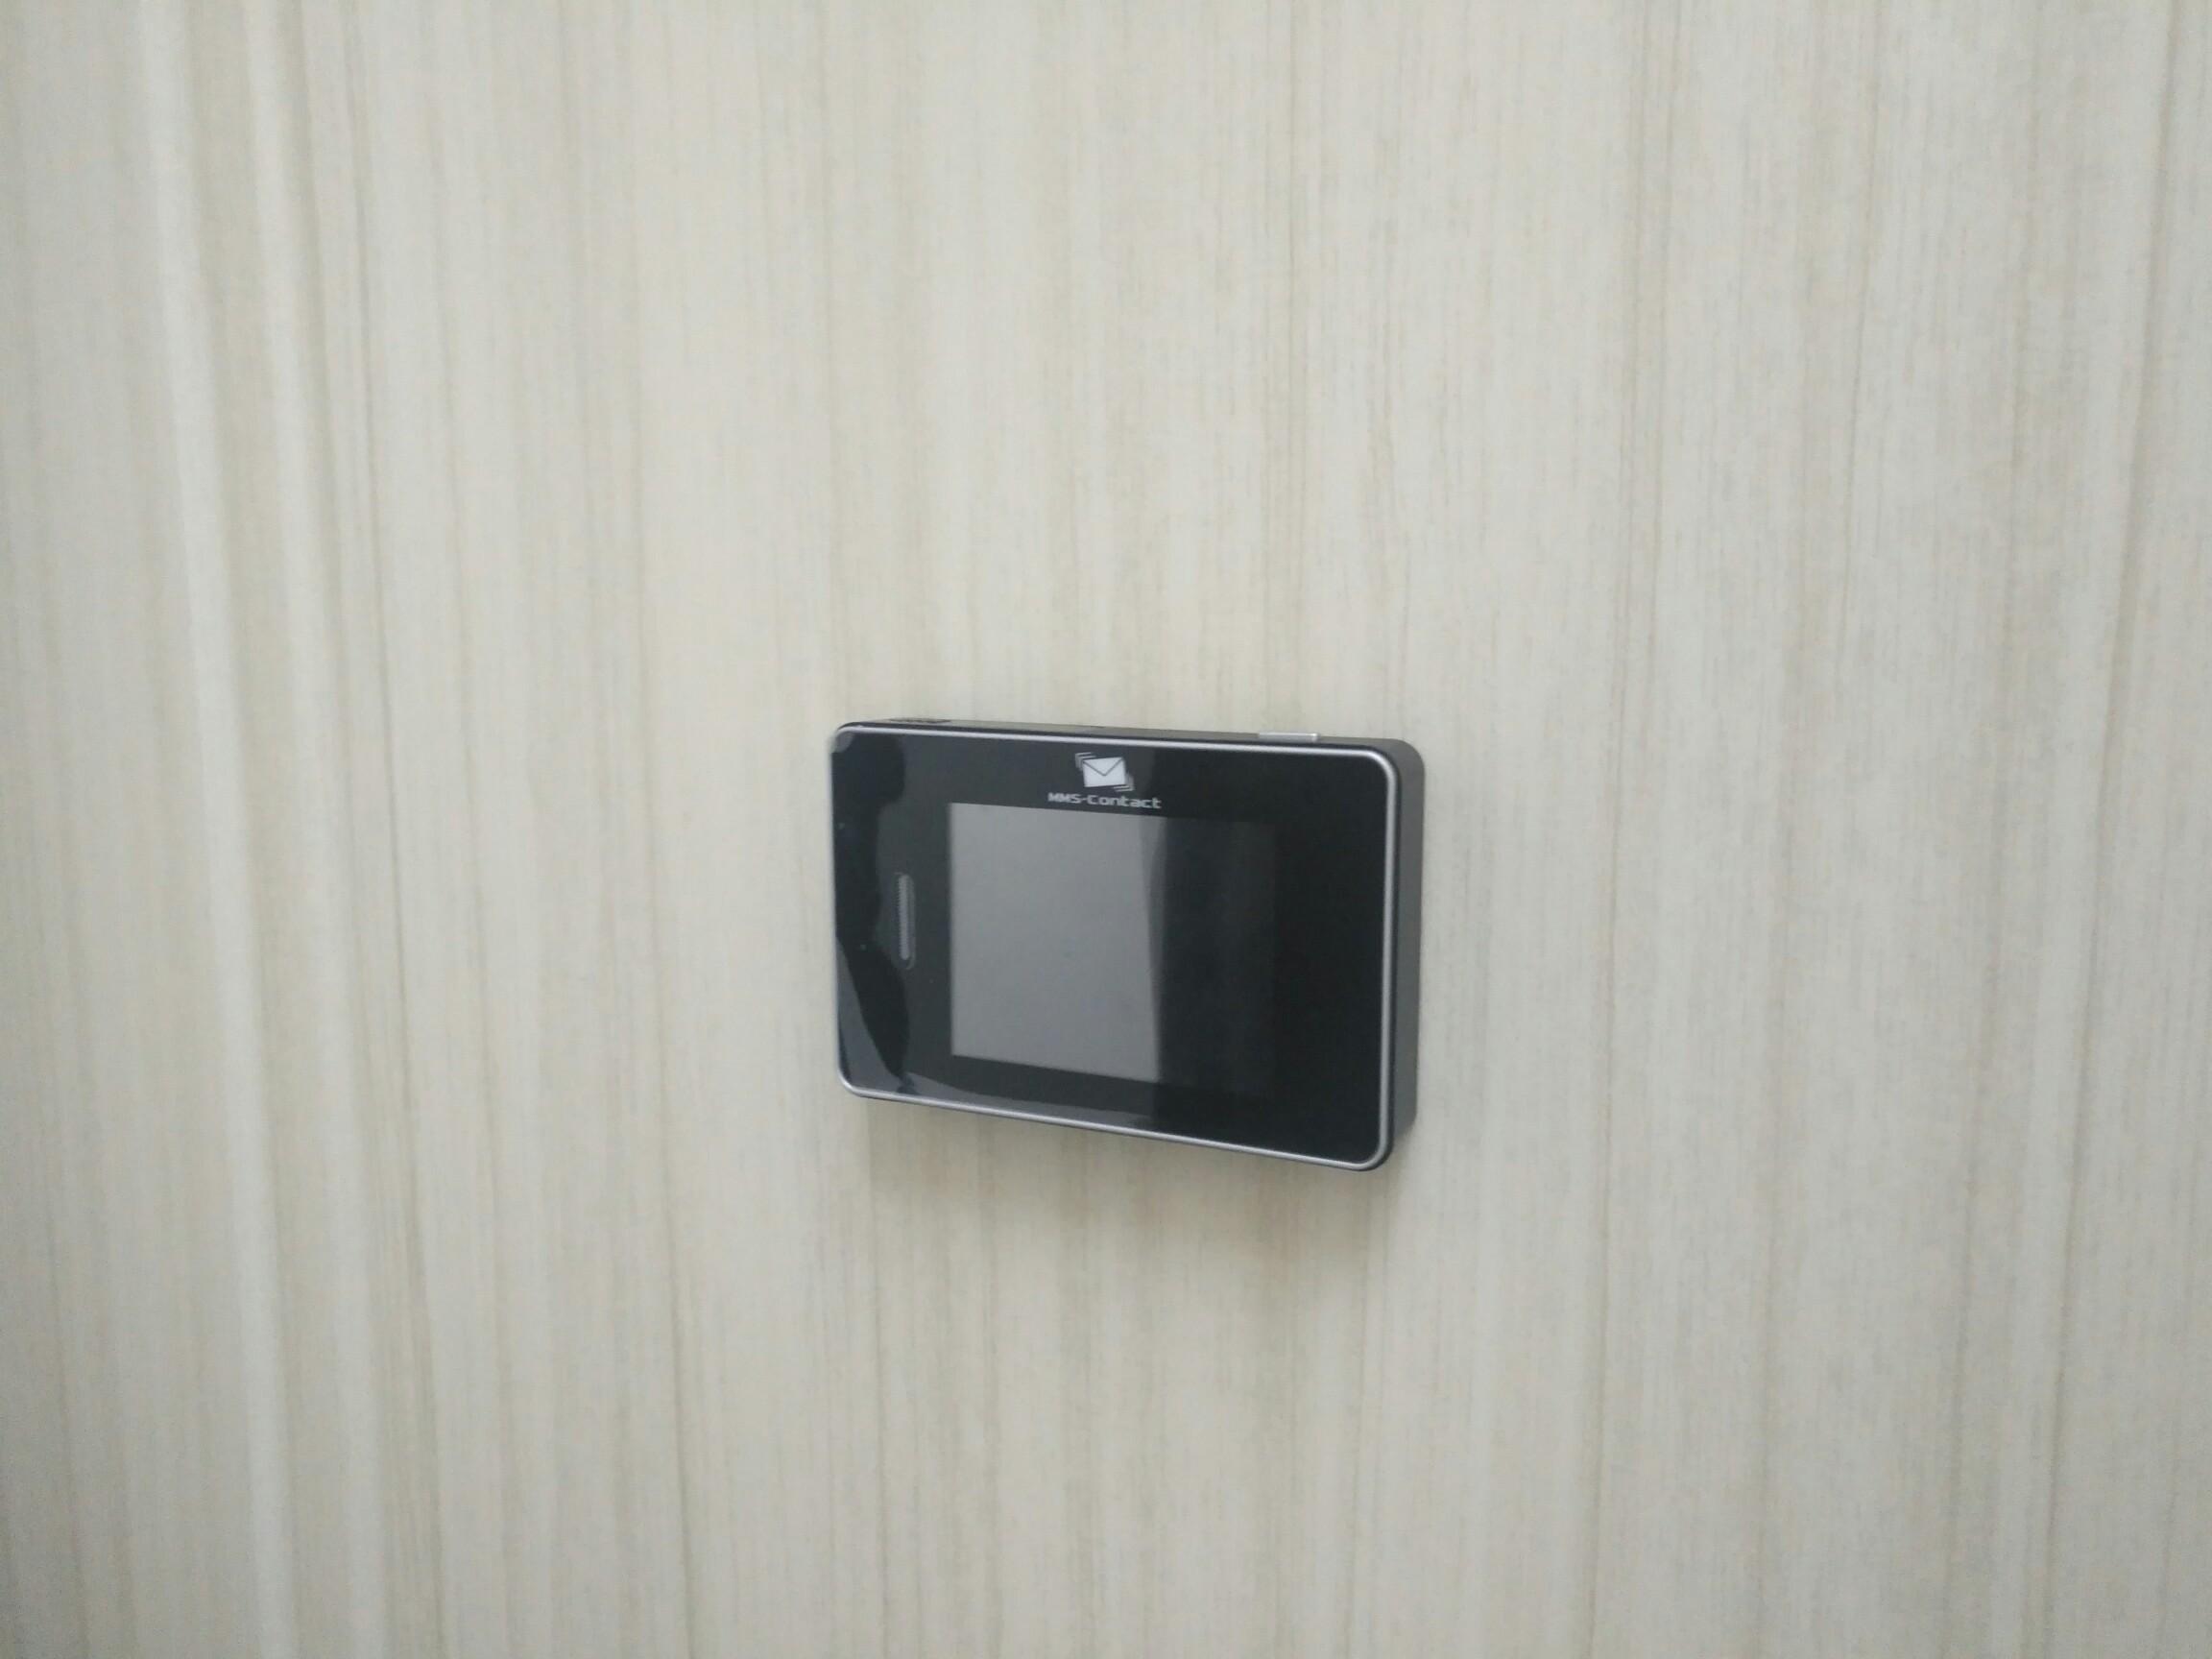 Установка видеглазка на металлическую дверь в Чебоксарах